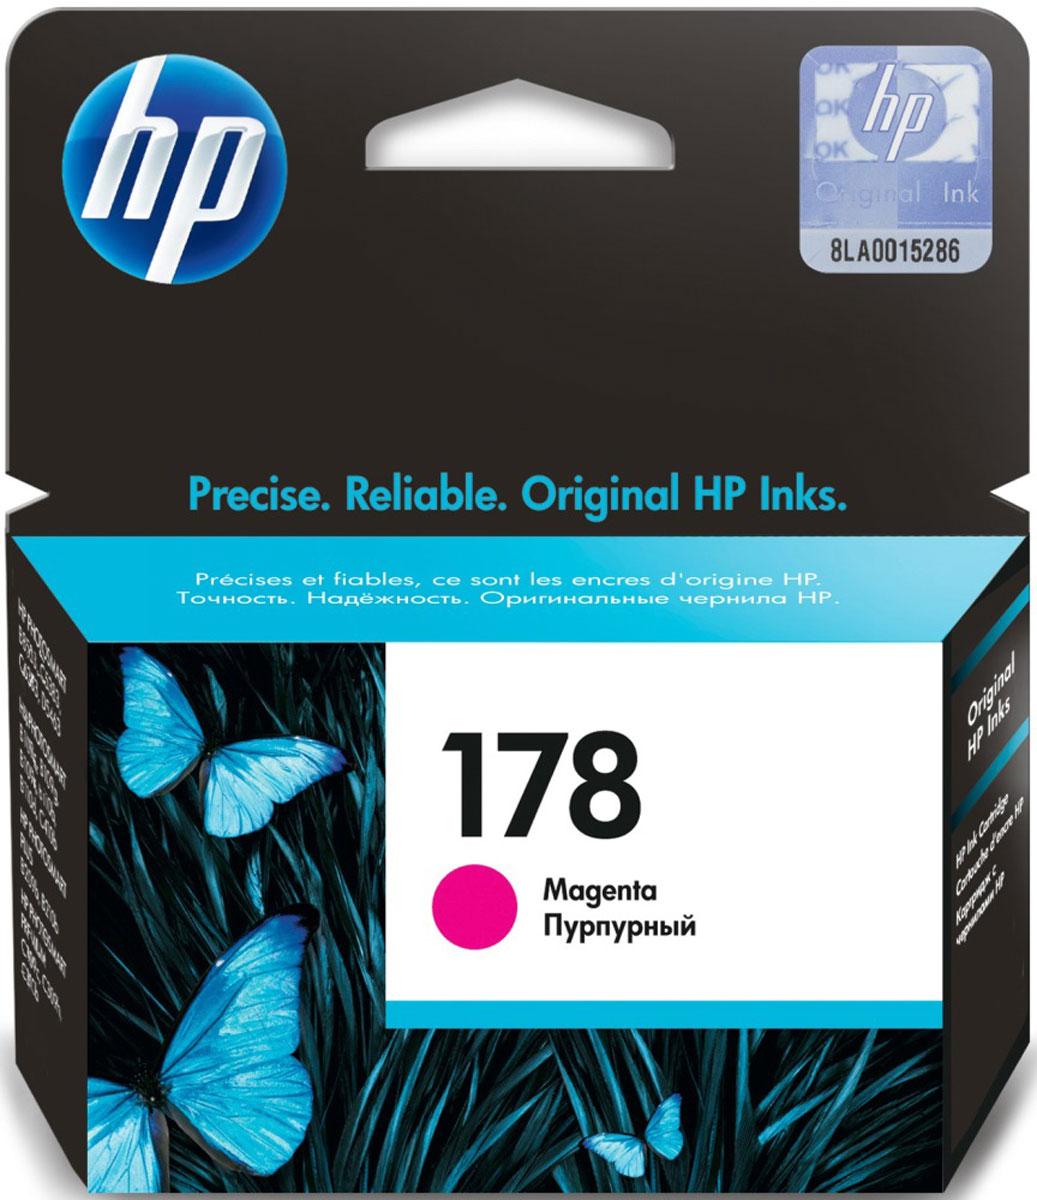 hp c9362he 132 картридж для струйных мфу принтеров black HP CB319HE (178), Magenta картридж для струйных МФУ/принтеров